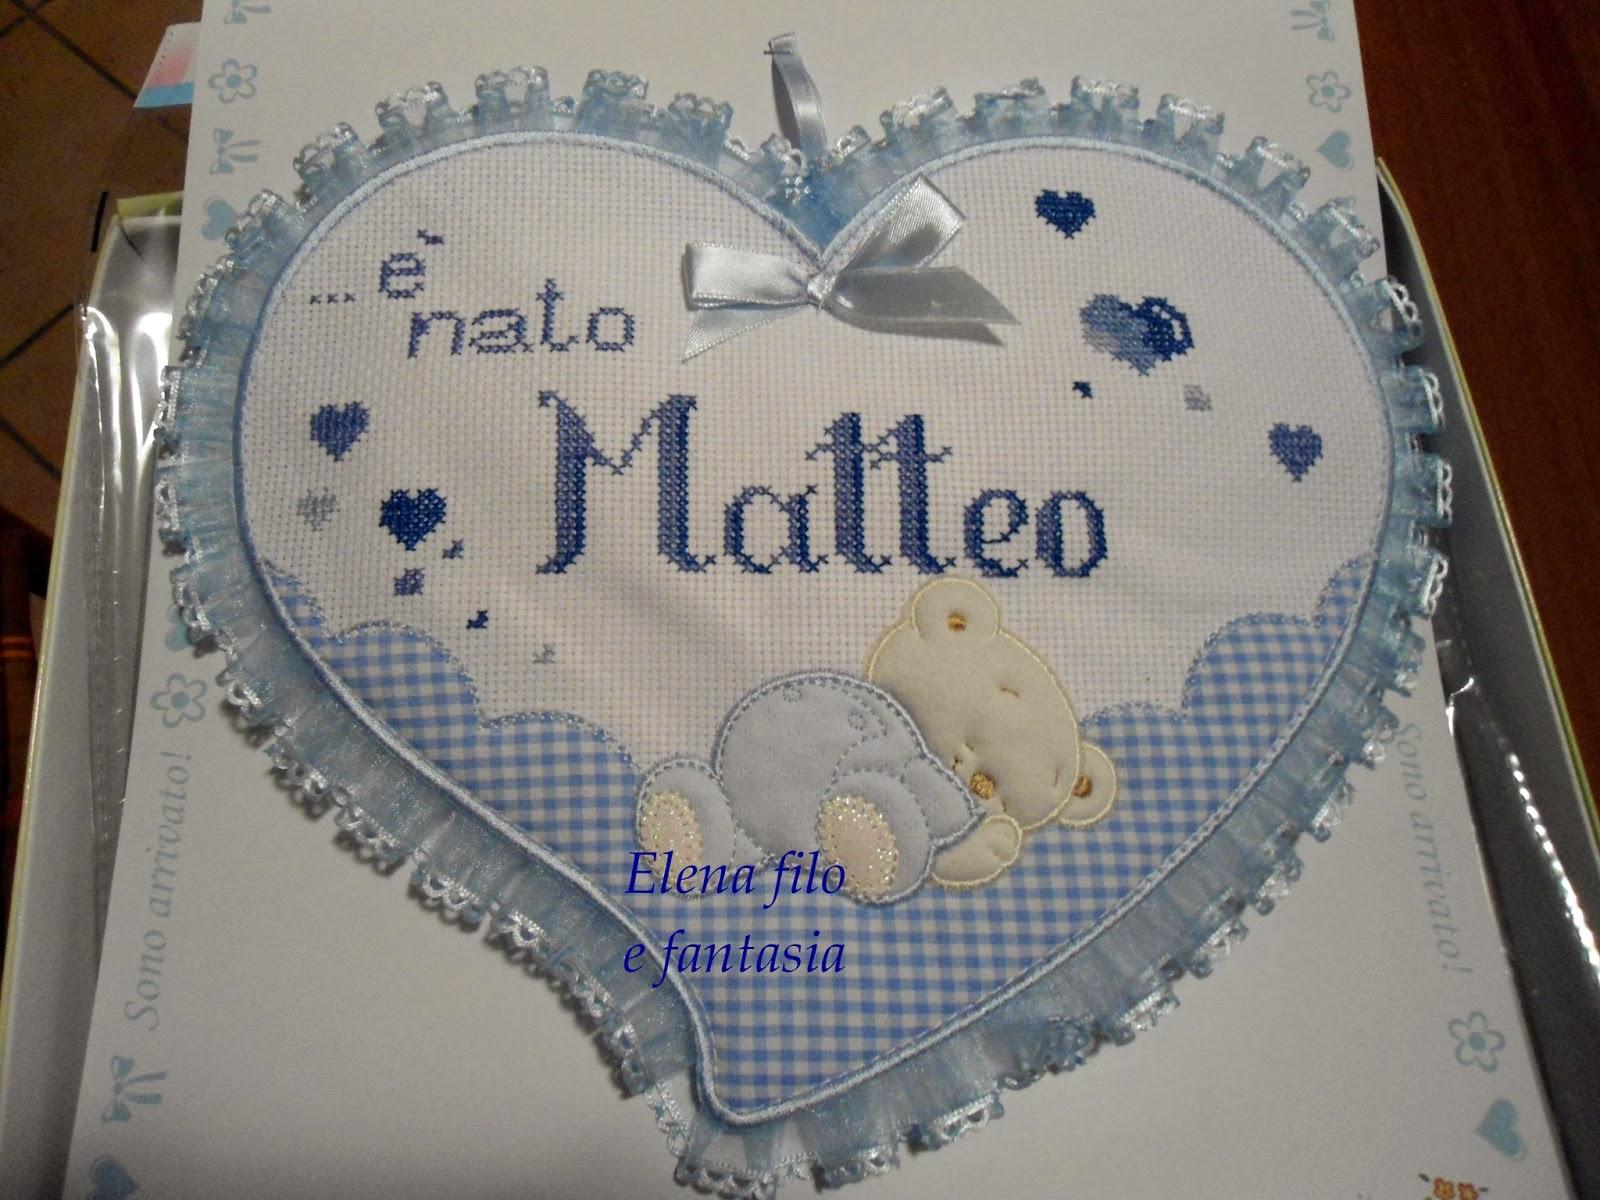 Amato Elena Filo e Fantasia: 01/02/14 - 01/03/14 FG17